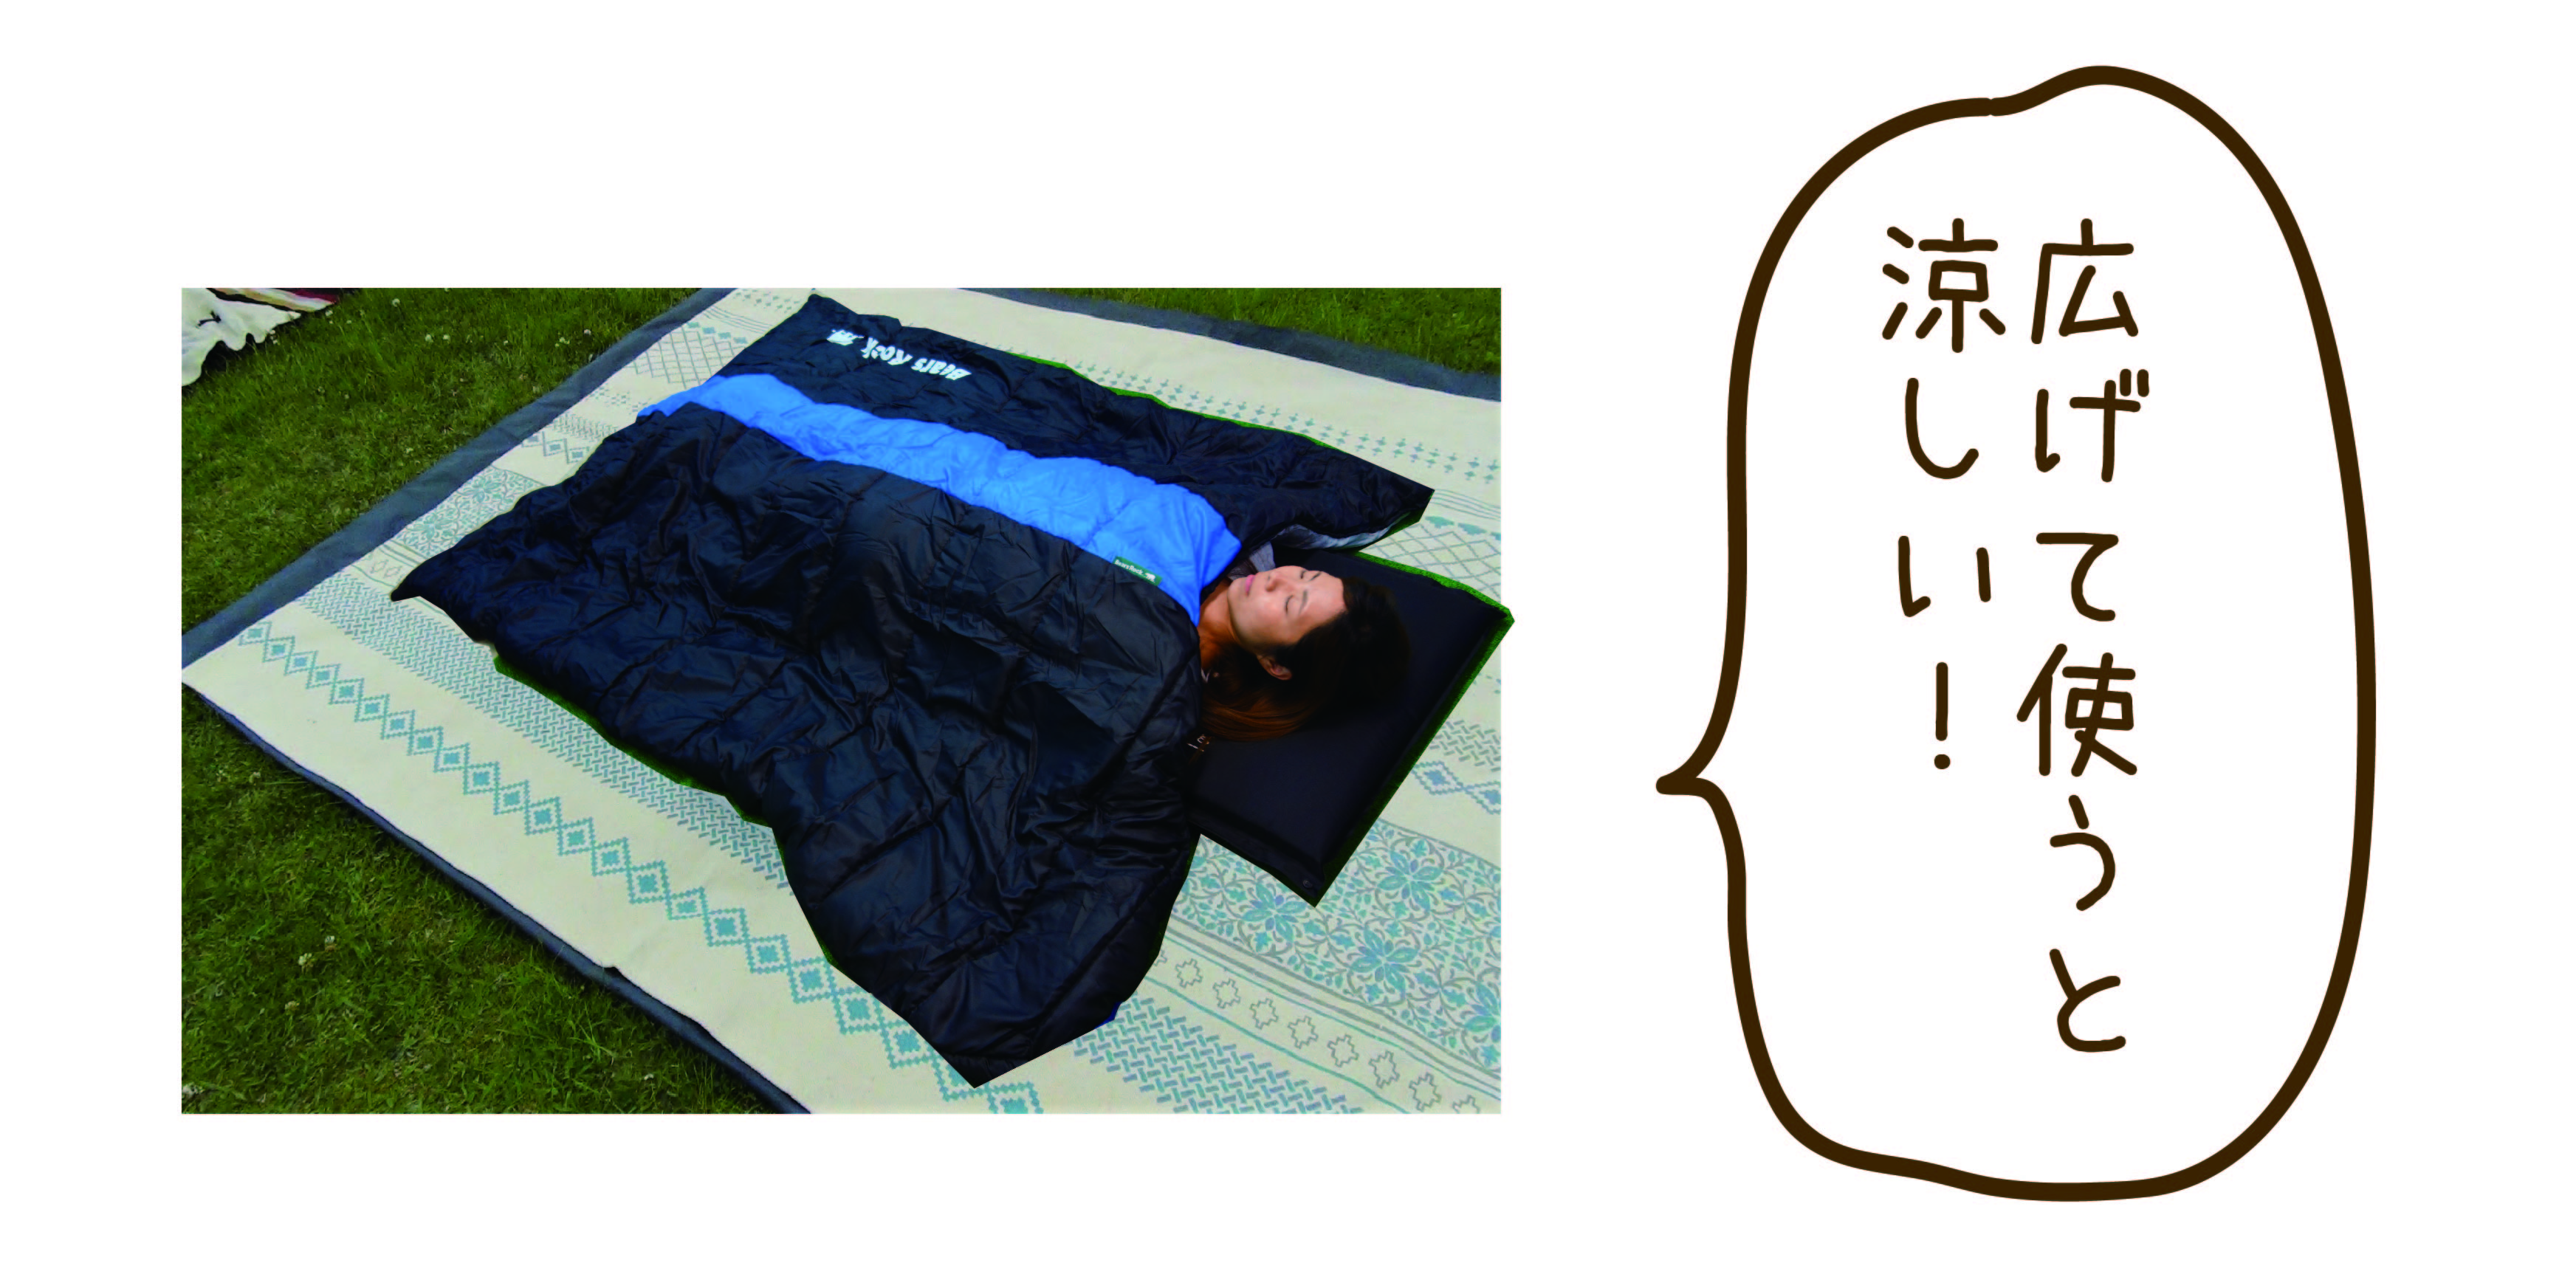 #001初心者向けの夏の寝袋の選び方-09